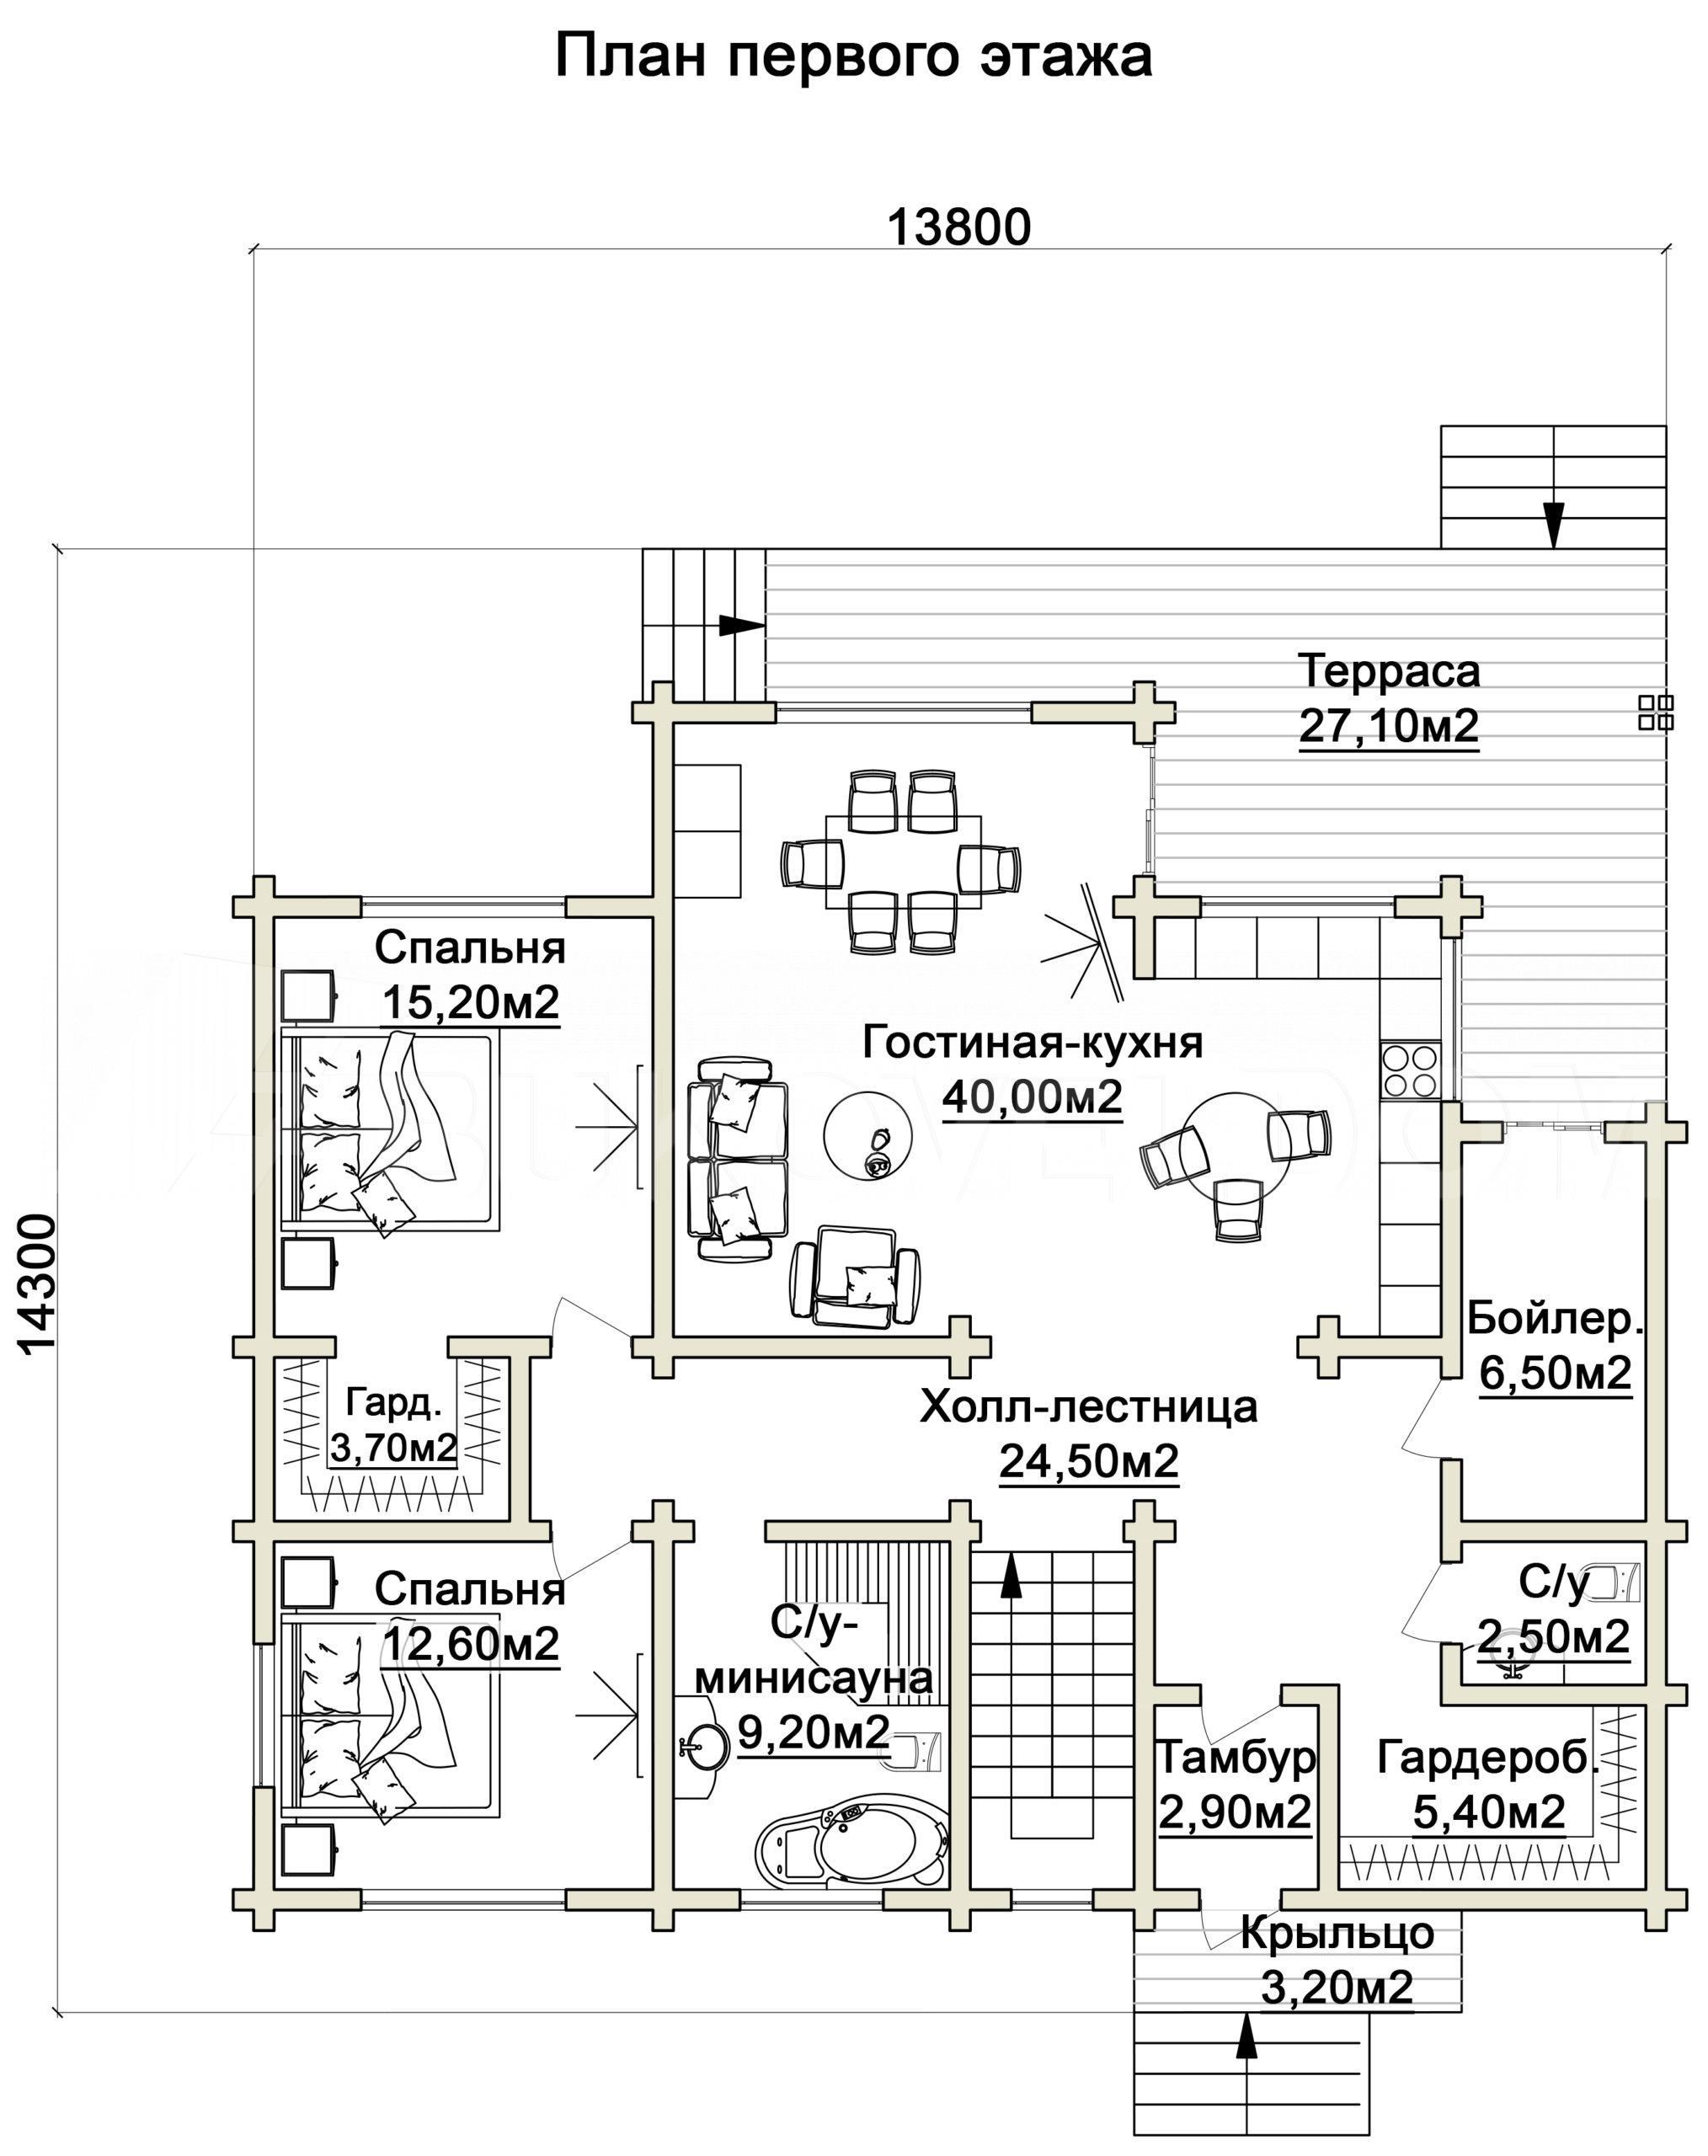 Дом в Звенигороде